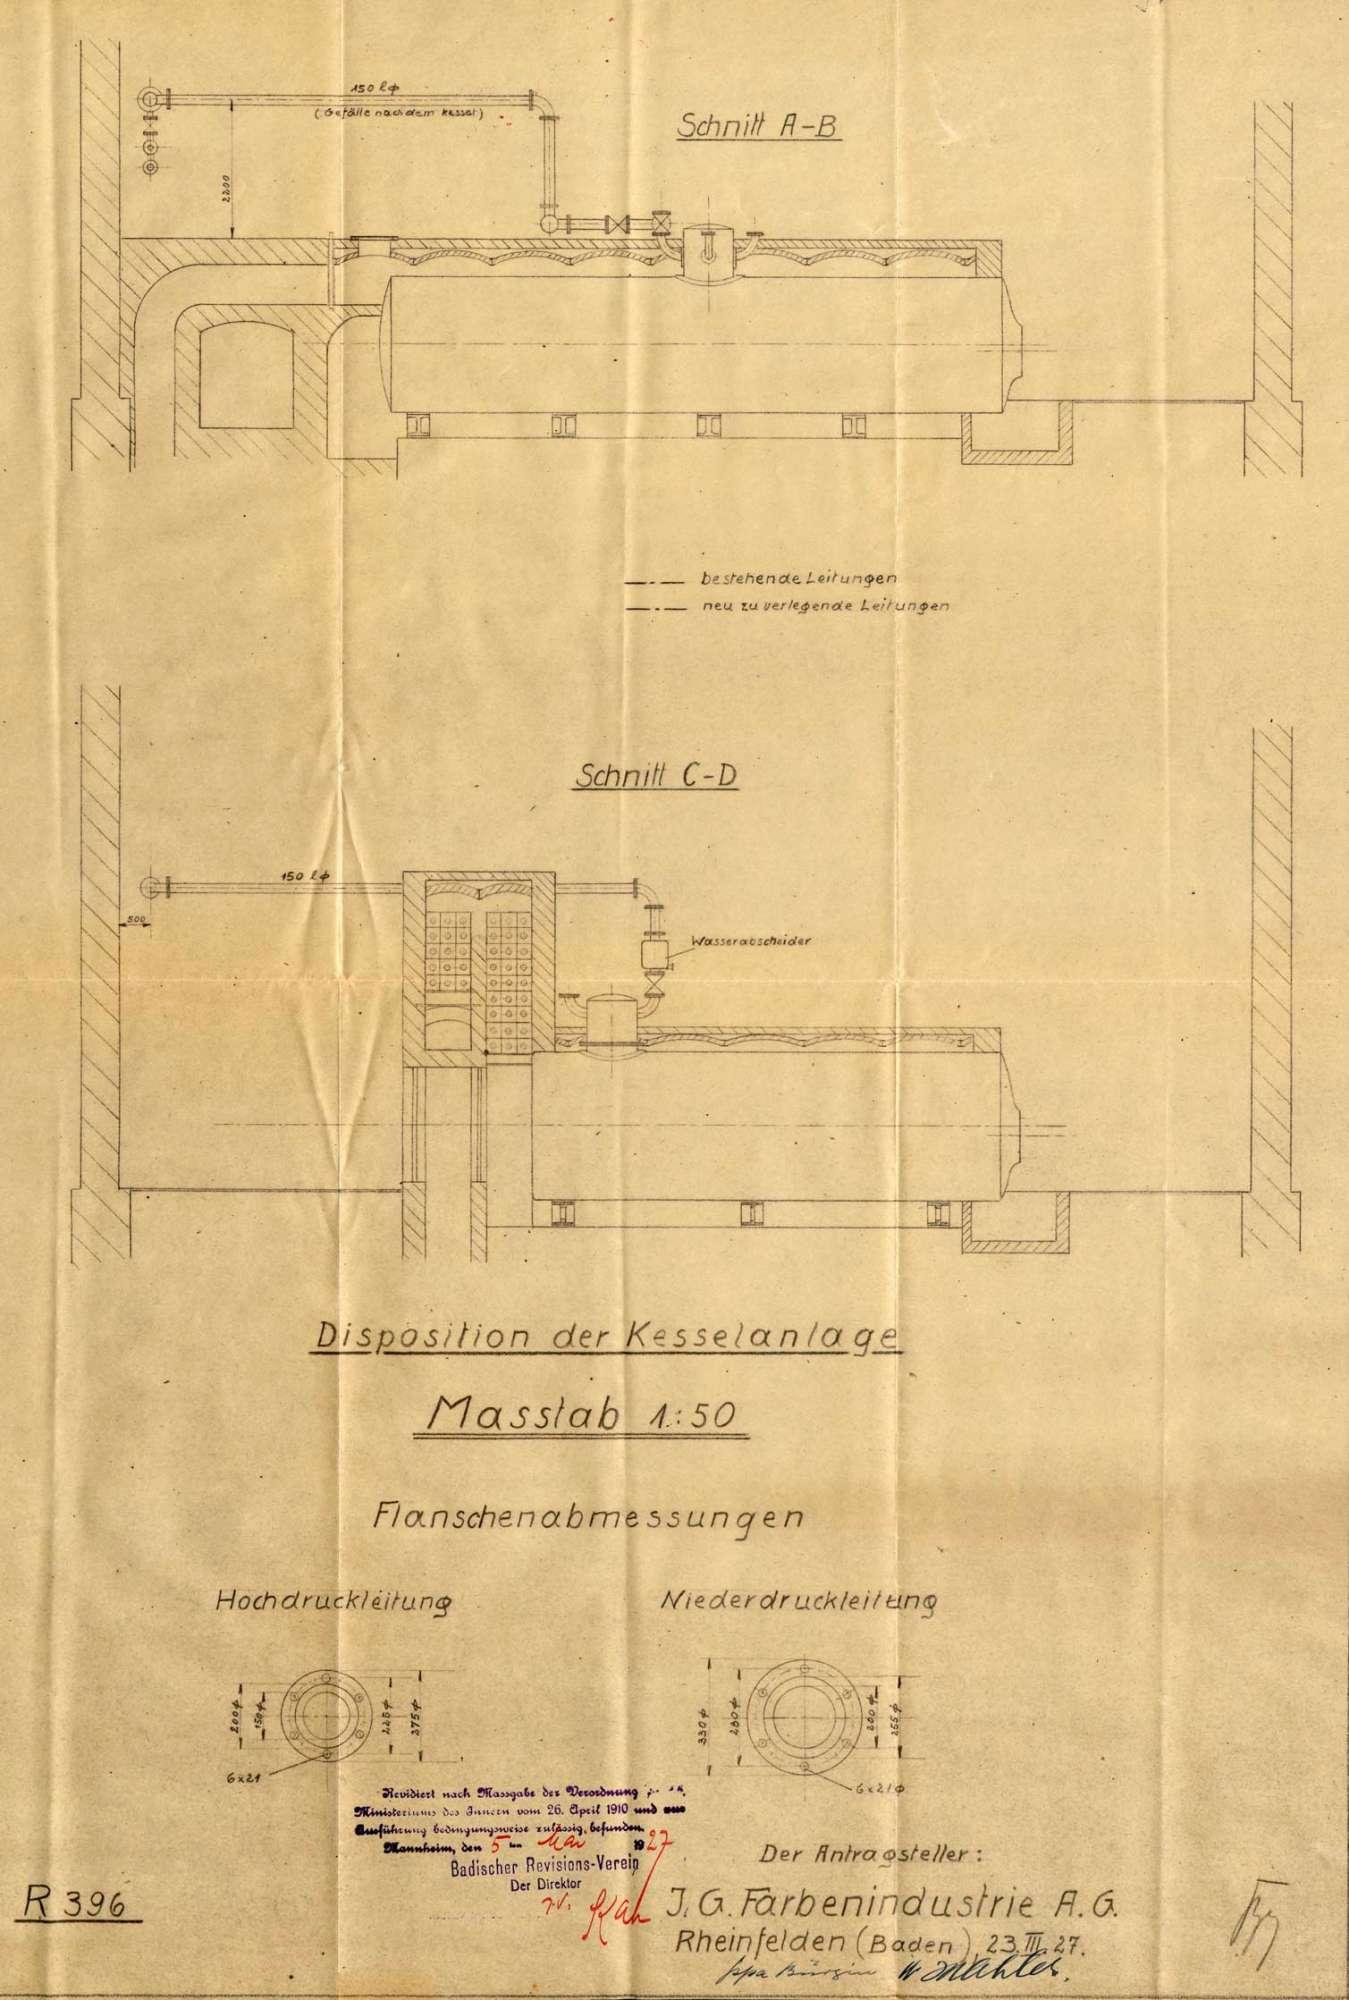 Dampfkessel der Firma IG Farbenindustrie AG in Rheinfelden (Baden), Bild 3